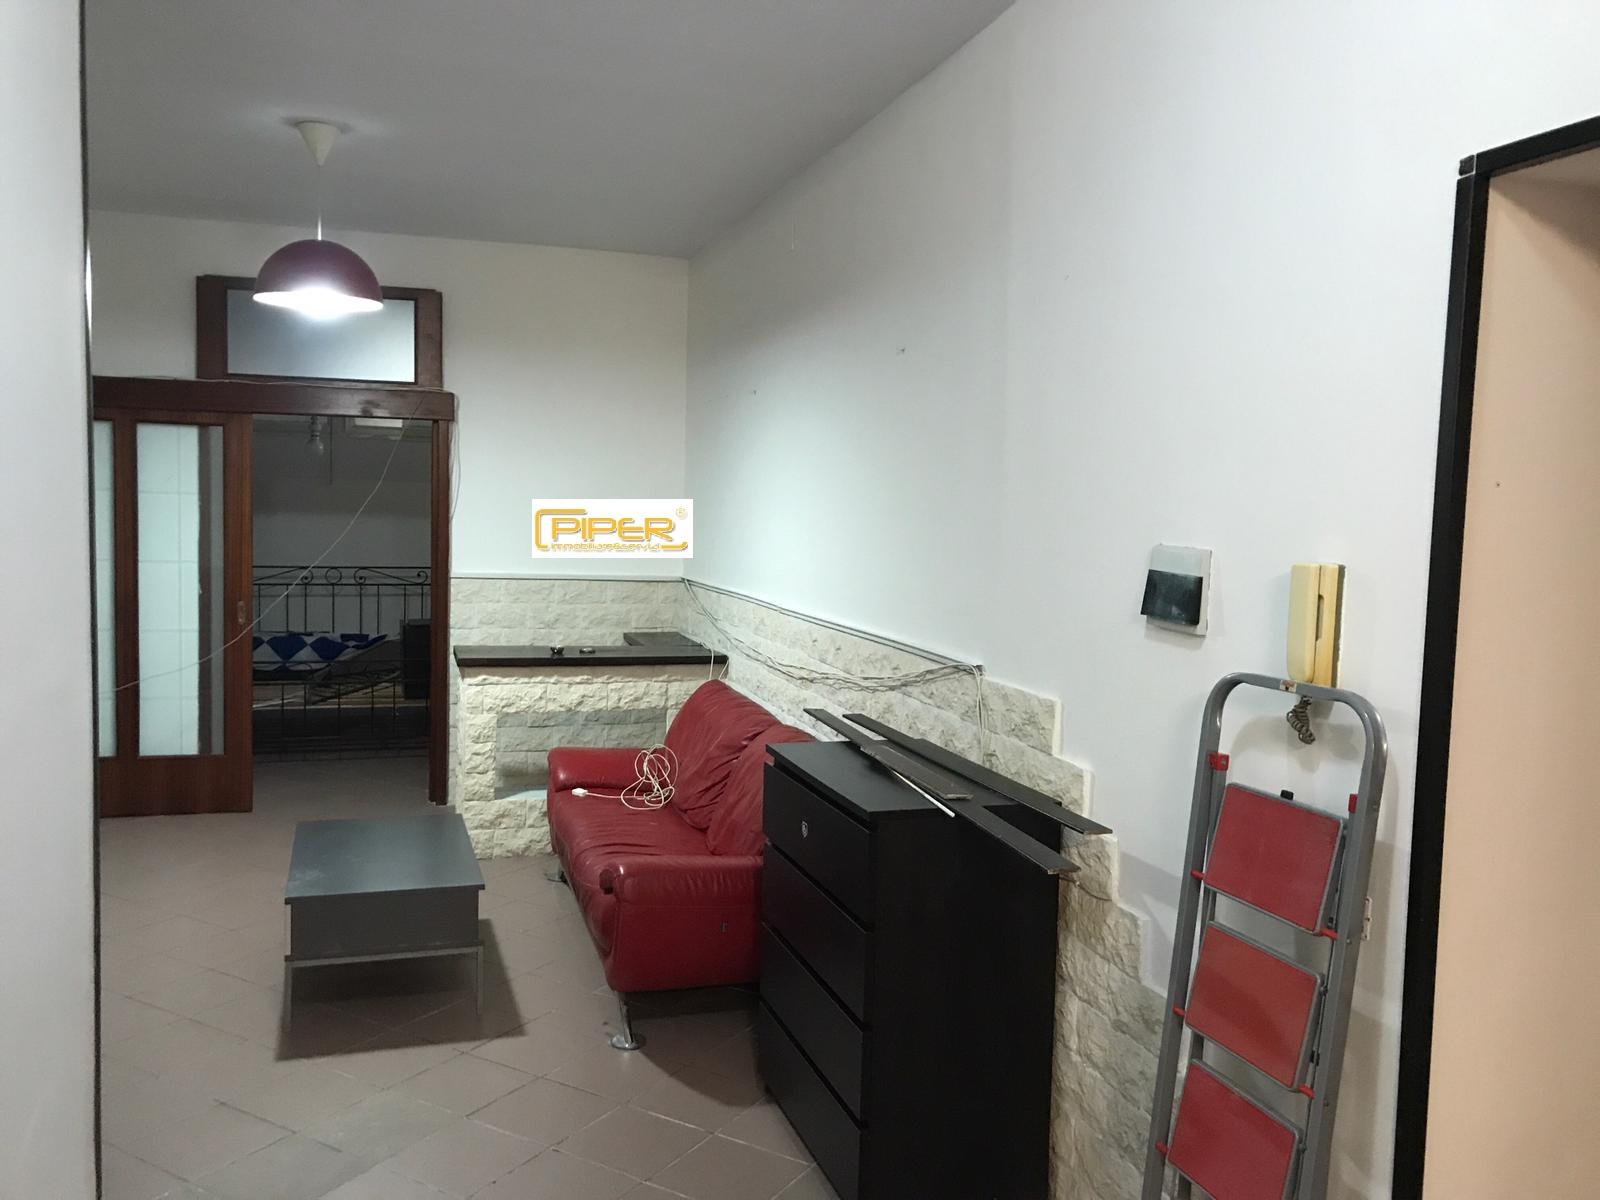 Appartamento in affitto a Pozzuoli, 2 locali, zona Località: PozzuoliSolfatara, prezzo € 650 | CambioCasa.it